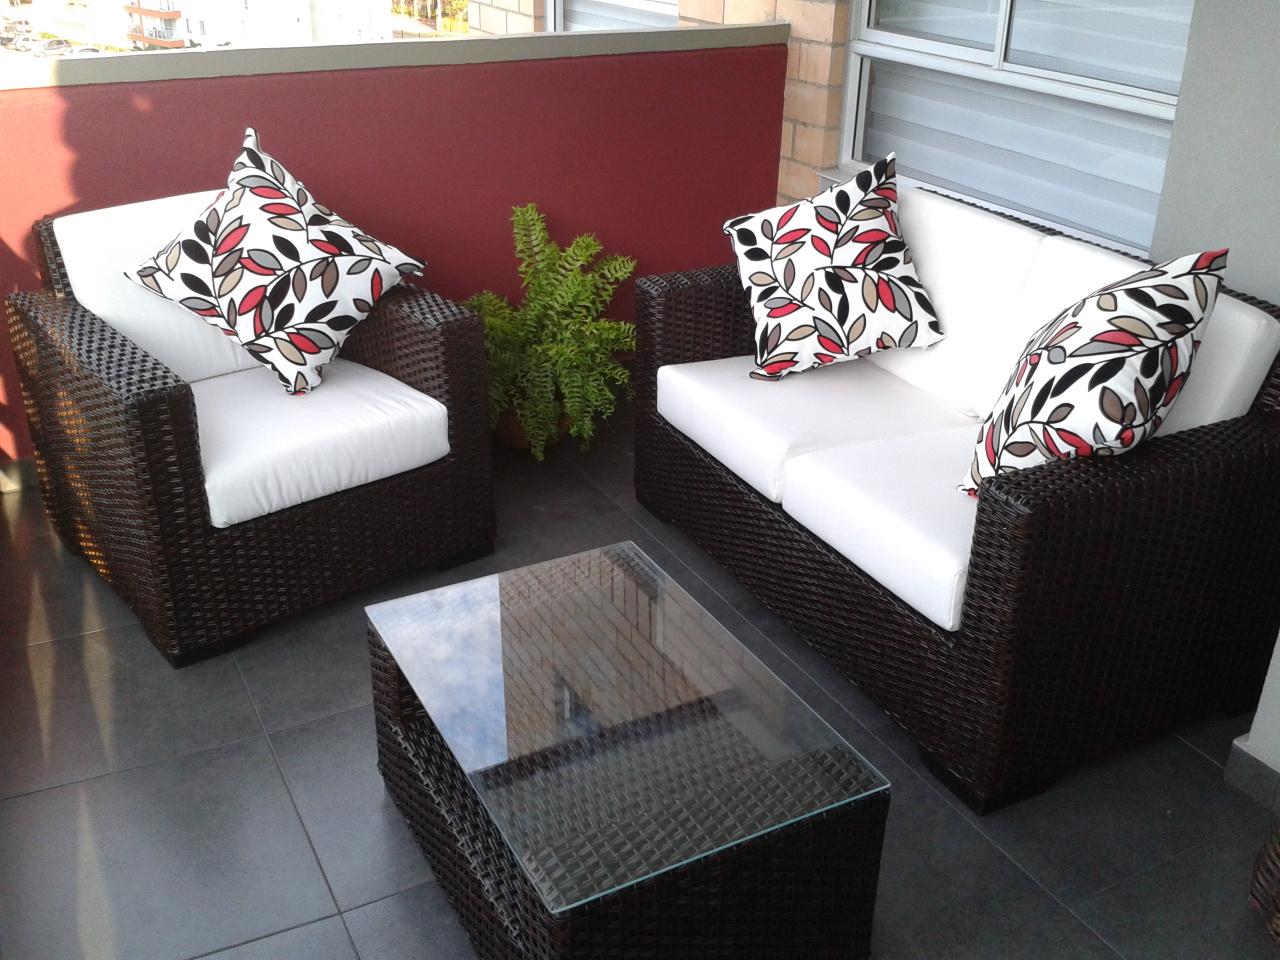 Venta De Muebles En Colombia Muebles Casa Rattan Estilos Mimbrer A # Muebles Colombia